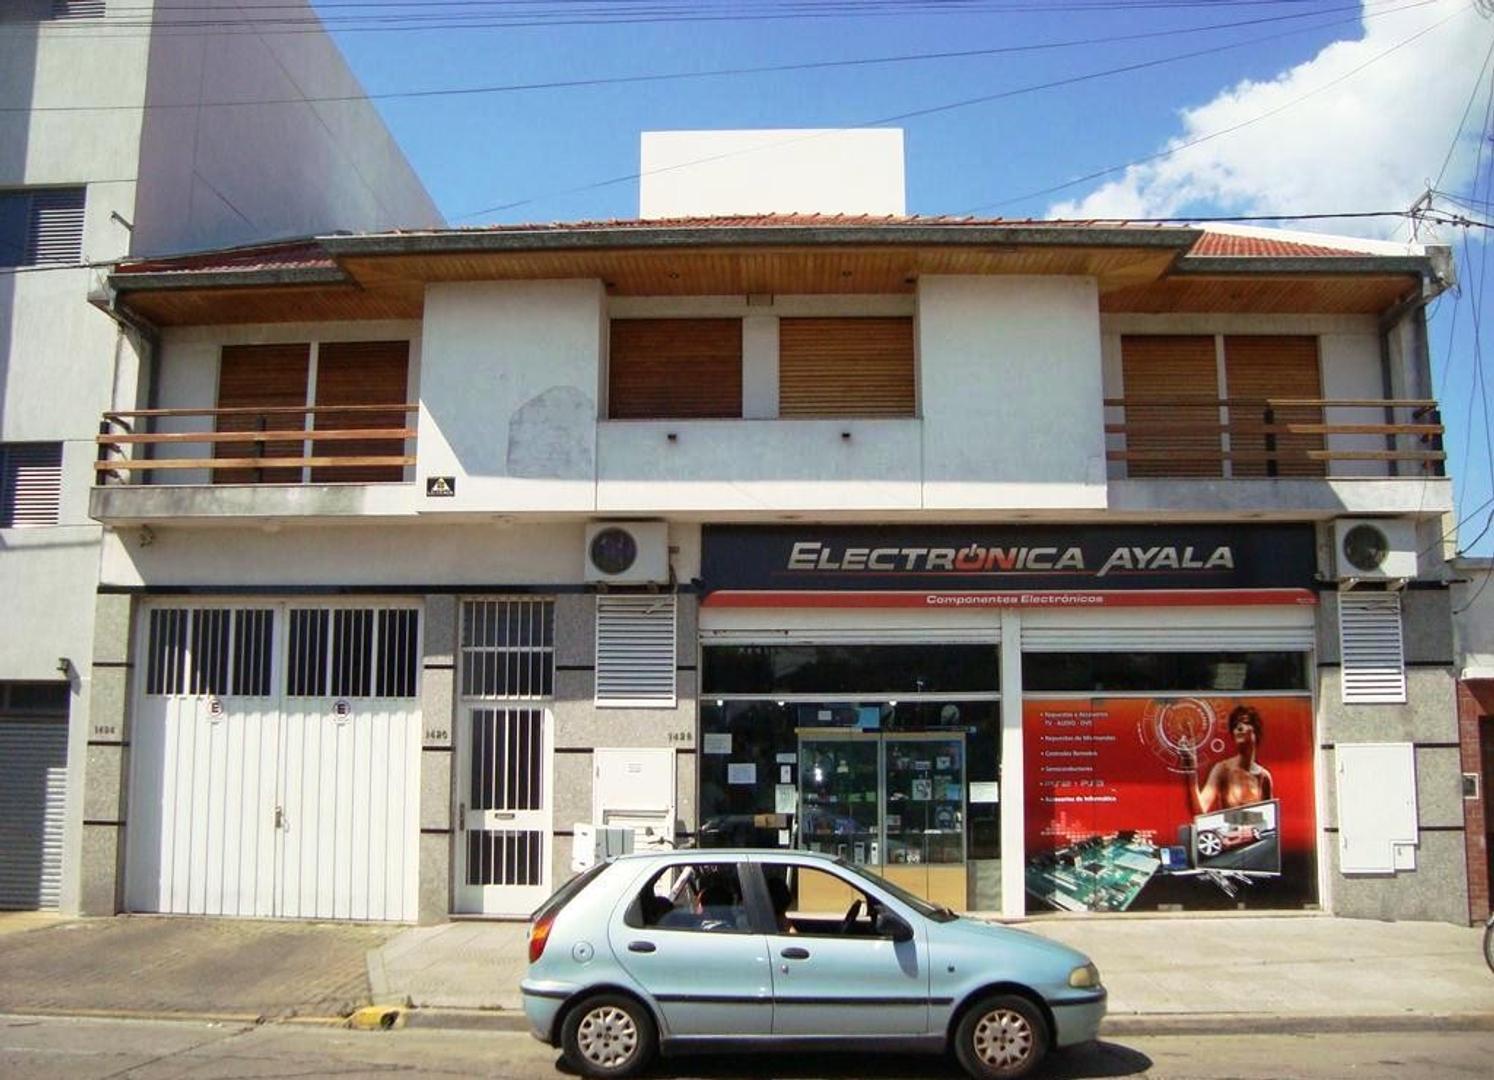 Casa en alquiler  - Barrio Norte calle 26 e/ 61 y 62 Dacal Bienes Raices